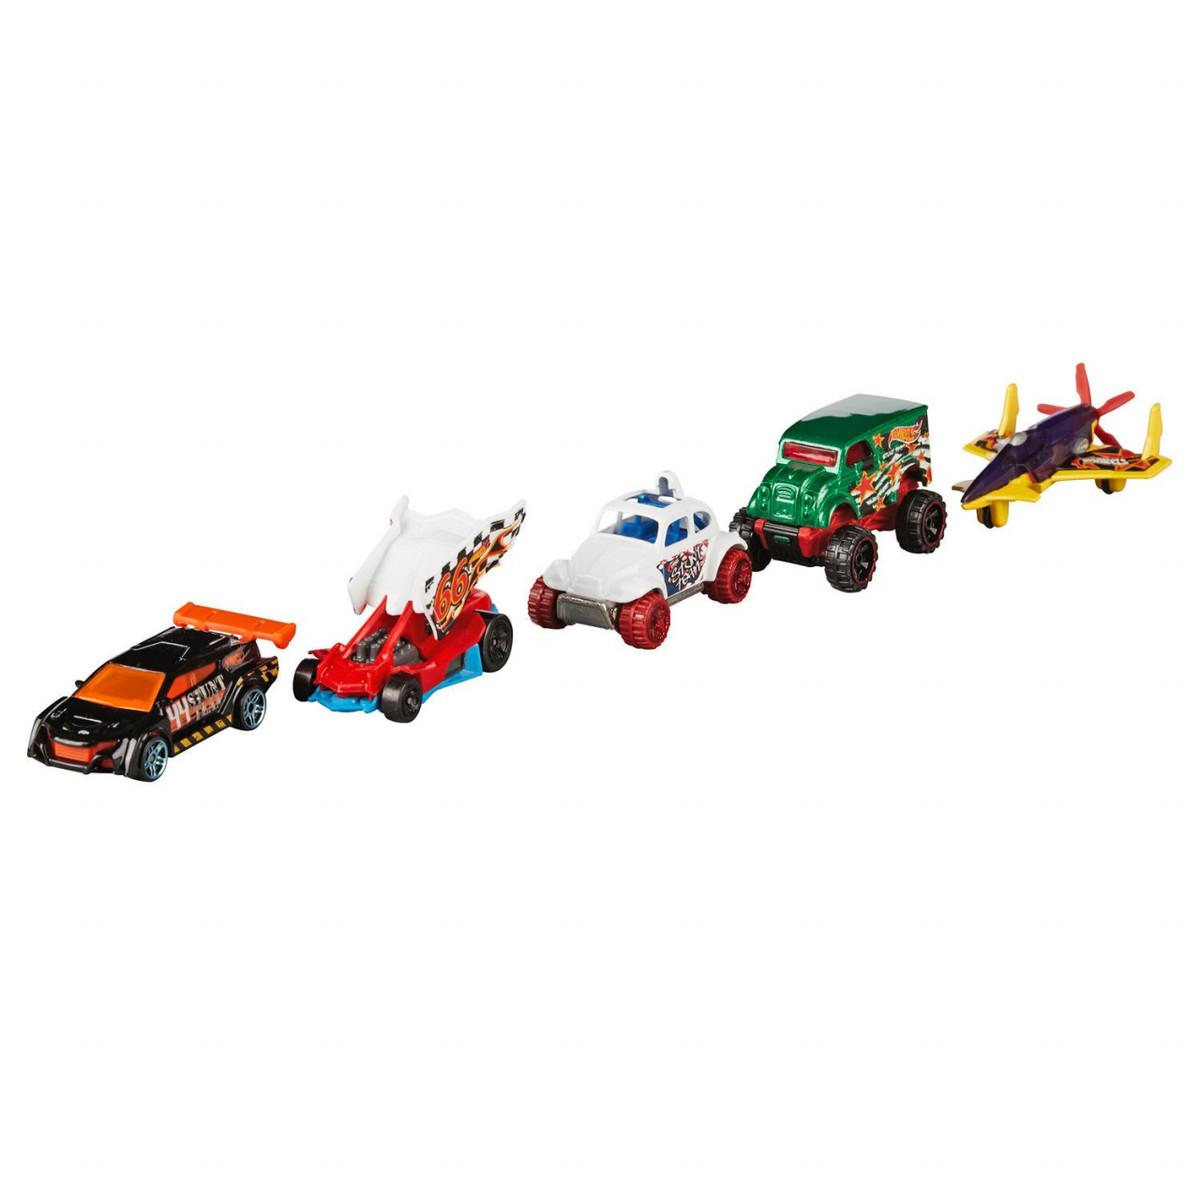 Bild 5 von Mattel Hot Wheels